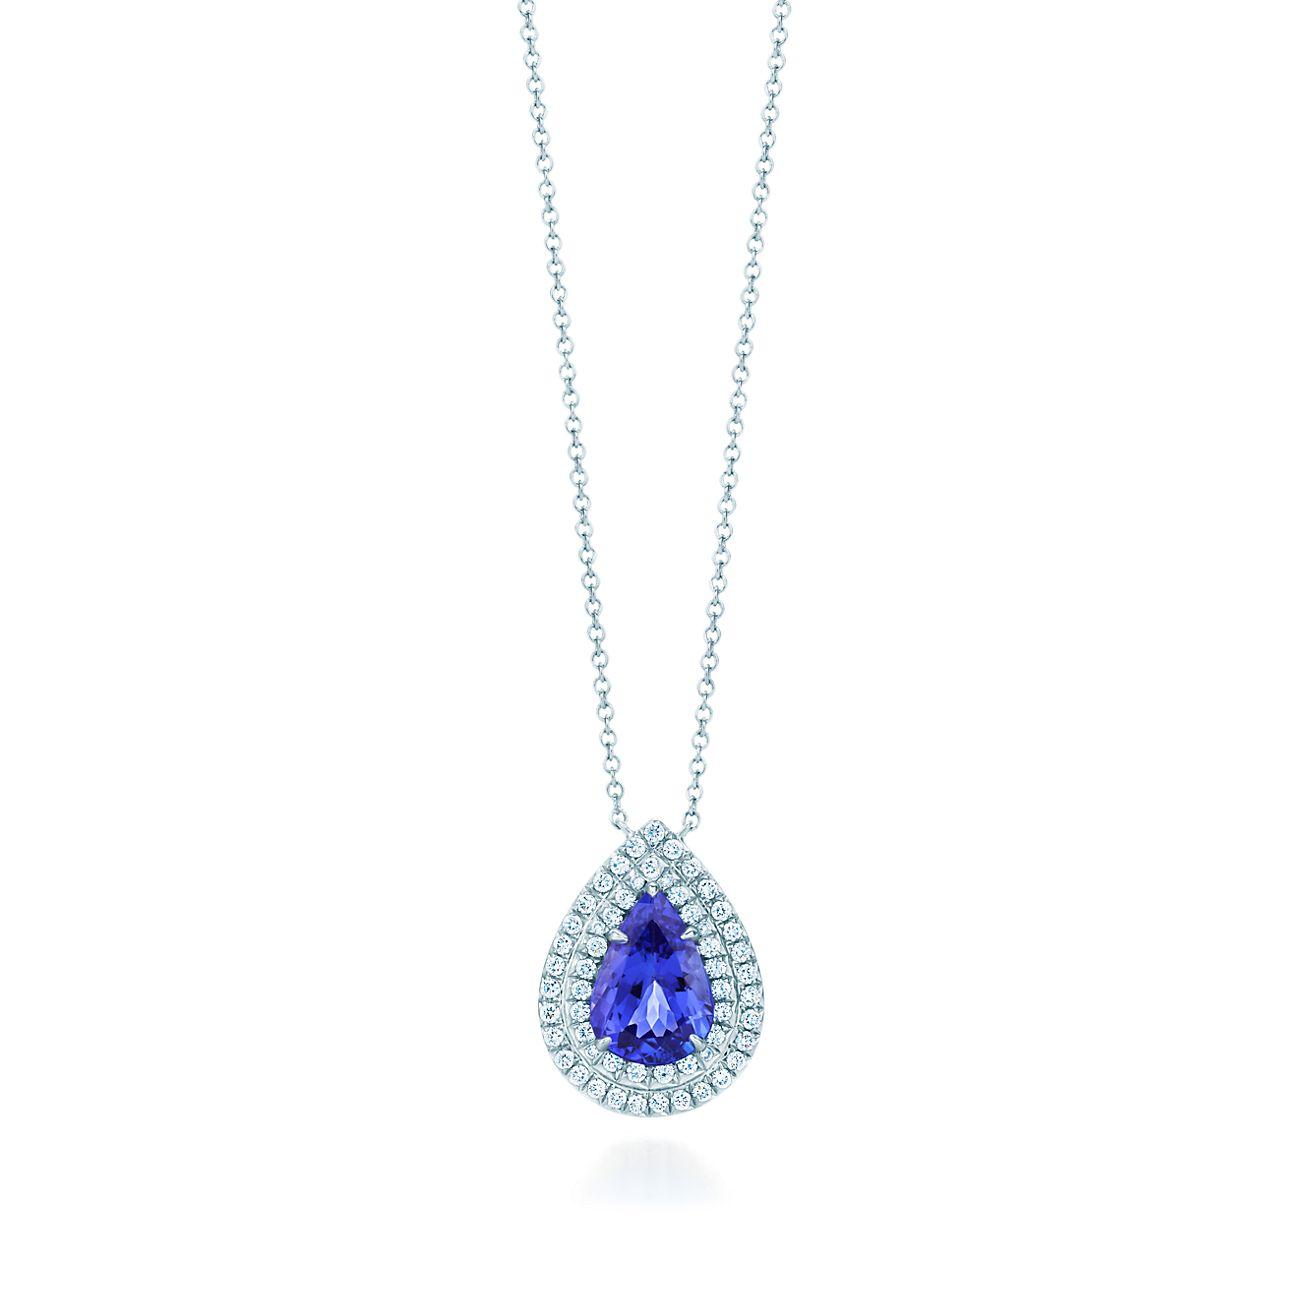 c919a13a6 Tiffany Soleste Pendant In Platinum With A Pear Shaped Tanzanite. Tiffany  Cobblestone Montana Sapphire Pendant